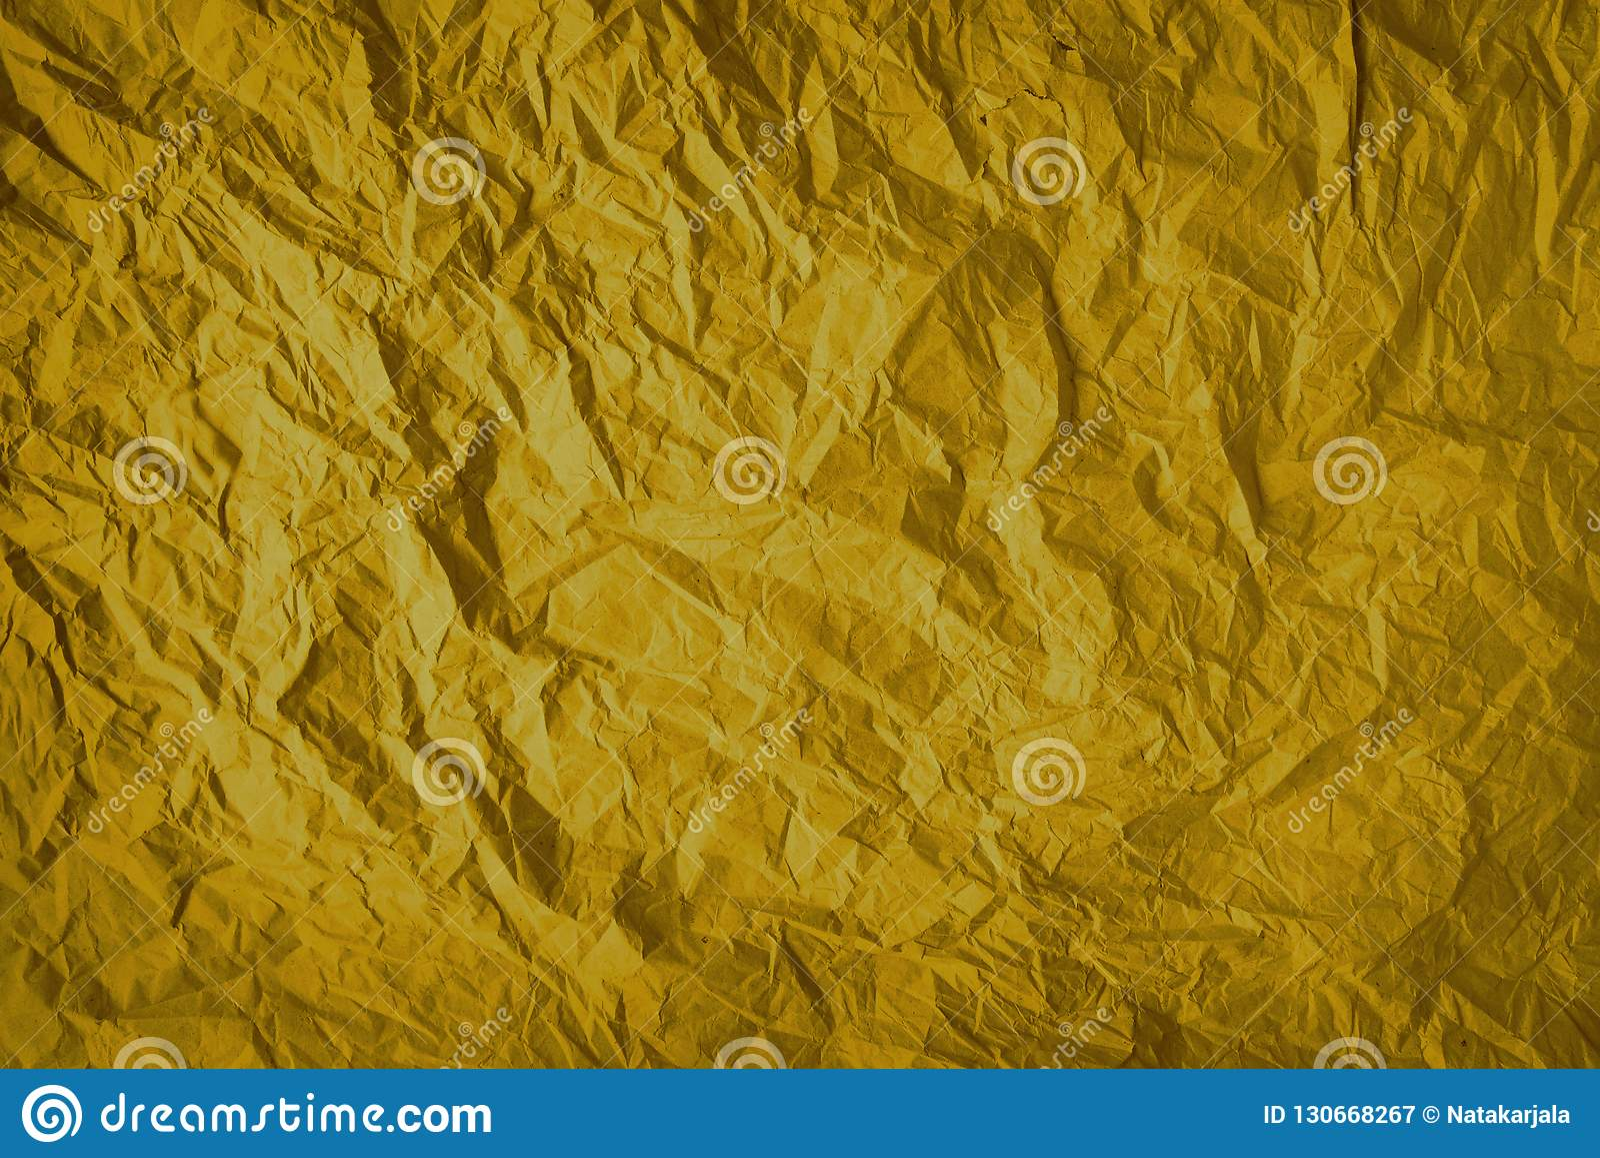 Ο χρυσός τσαλάκωσε το υπόβαθρο τυλίγοντας εγγράφου, σύσταση του γκρι που ζαρώθηκε του παλαιού εκλεκτής ποιότητας εγγράφου, πτυχές